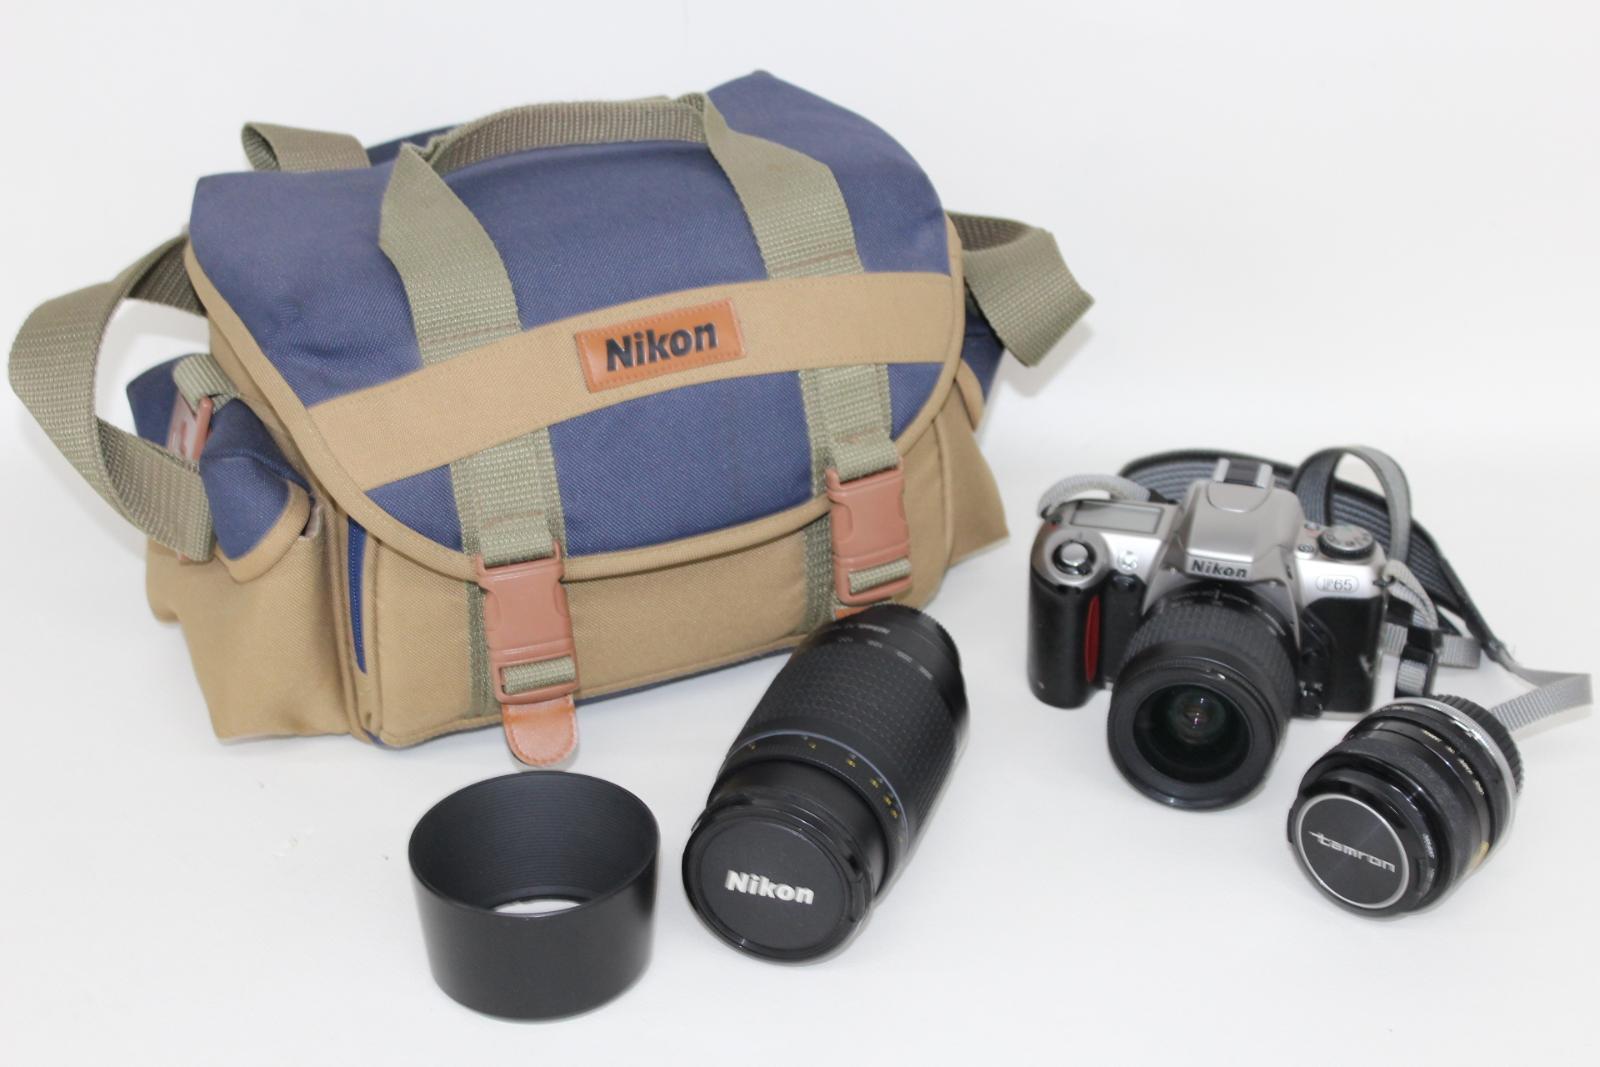 NIKON-F65-Camara-Con-Nikkor-28-80mm-y-70-300mm-y-Tamron-Hoya-Lentes-52mm miniatura 2